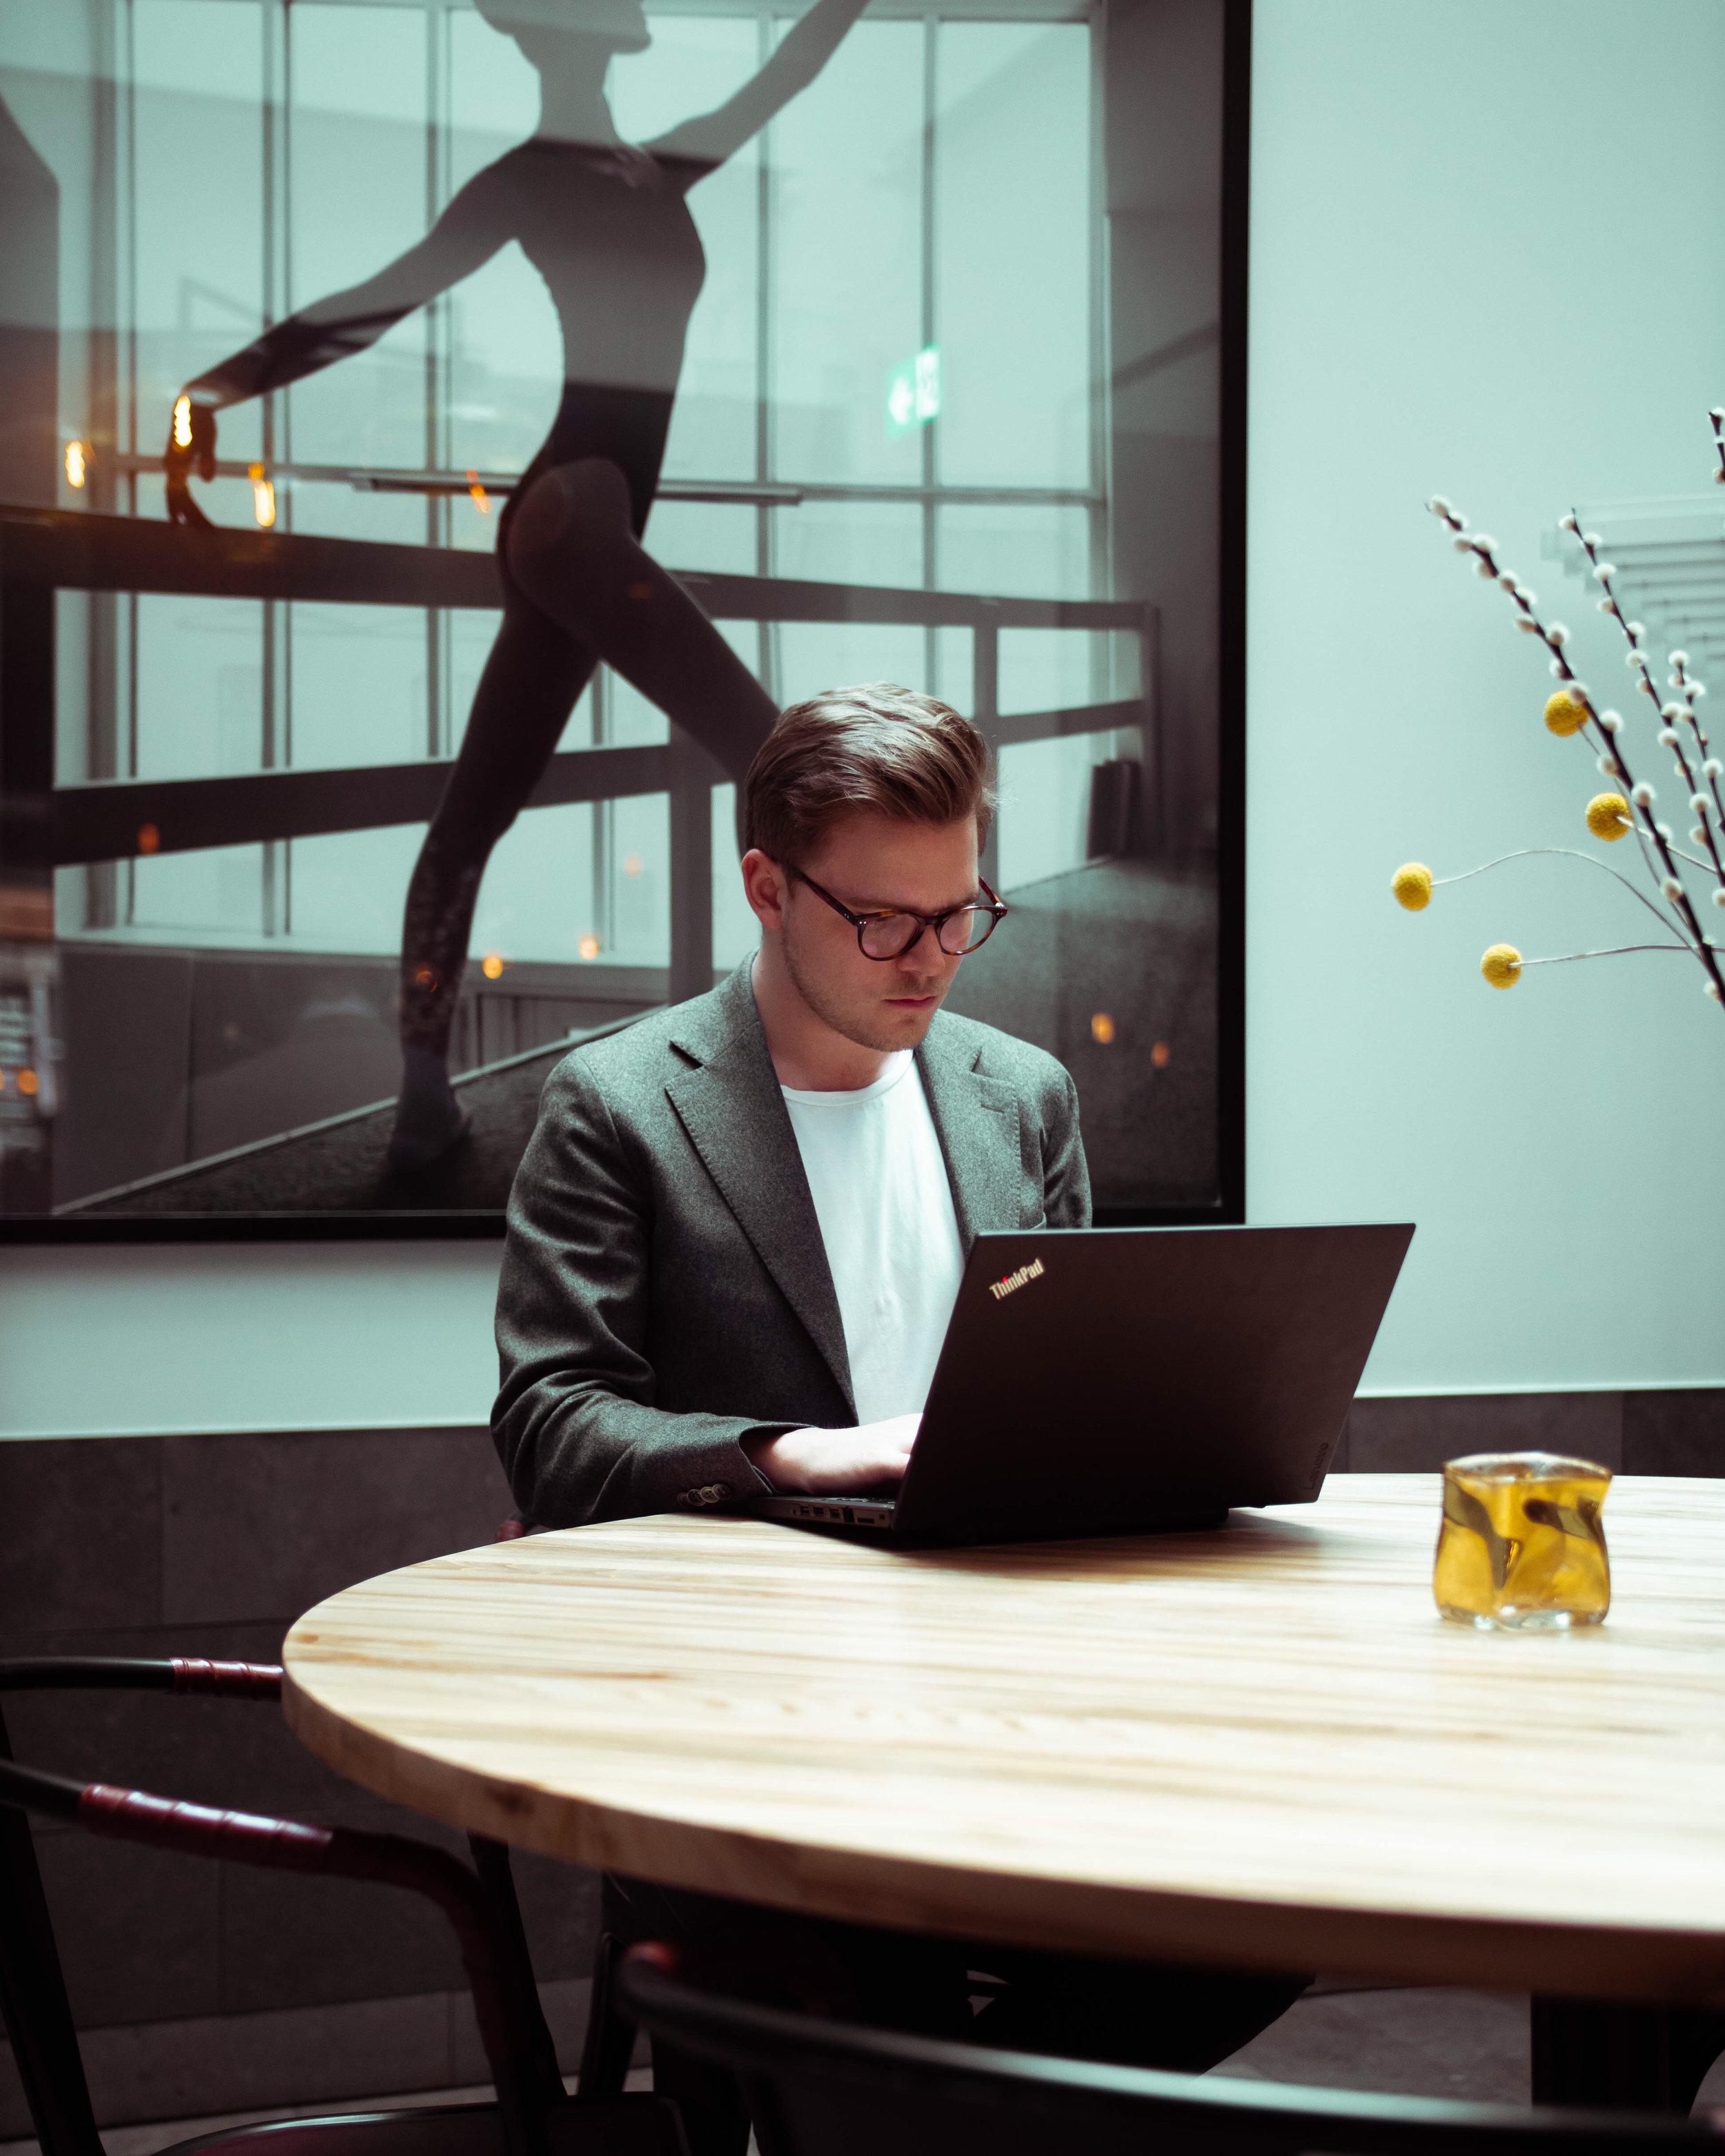 #changeIT - Det finns områden där IT-branschen ligger långt efter. Tjänster utvecklas med egen förtjänst istället för nytta som utgångspunkt och fokus är inte på kundens behov vid paketeringen.Vi spår ett betydligt sjystare affärsklimat för kunden inom IT-branschen framöver och vi vill vara med att driva den utvecklingen.- Fredrik Lövgren, Produktansvarig